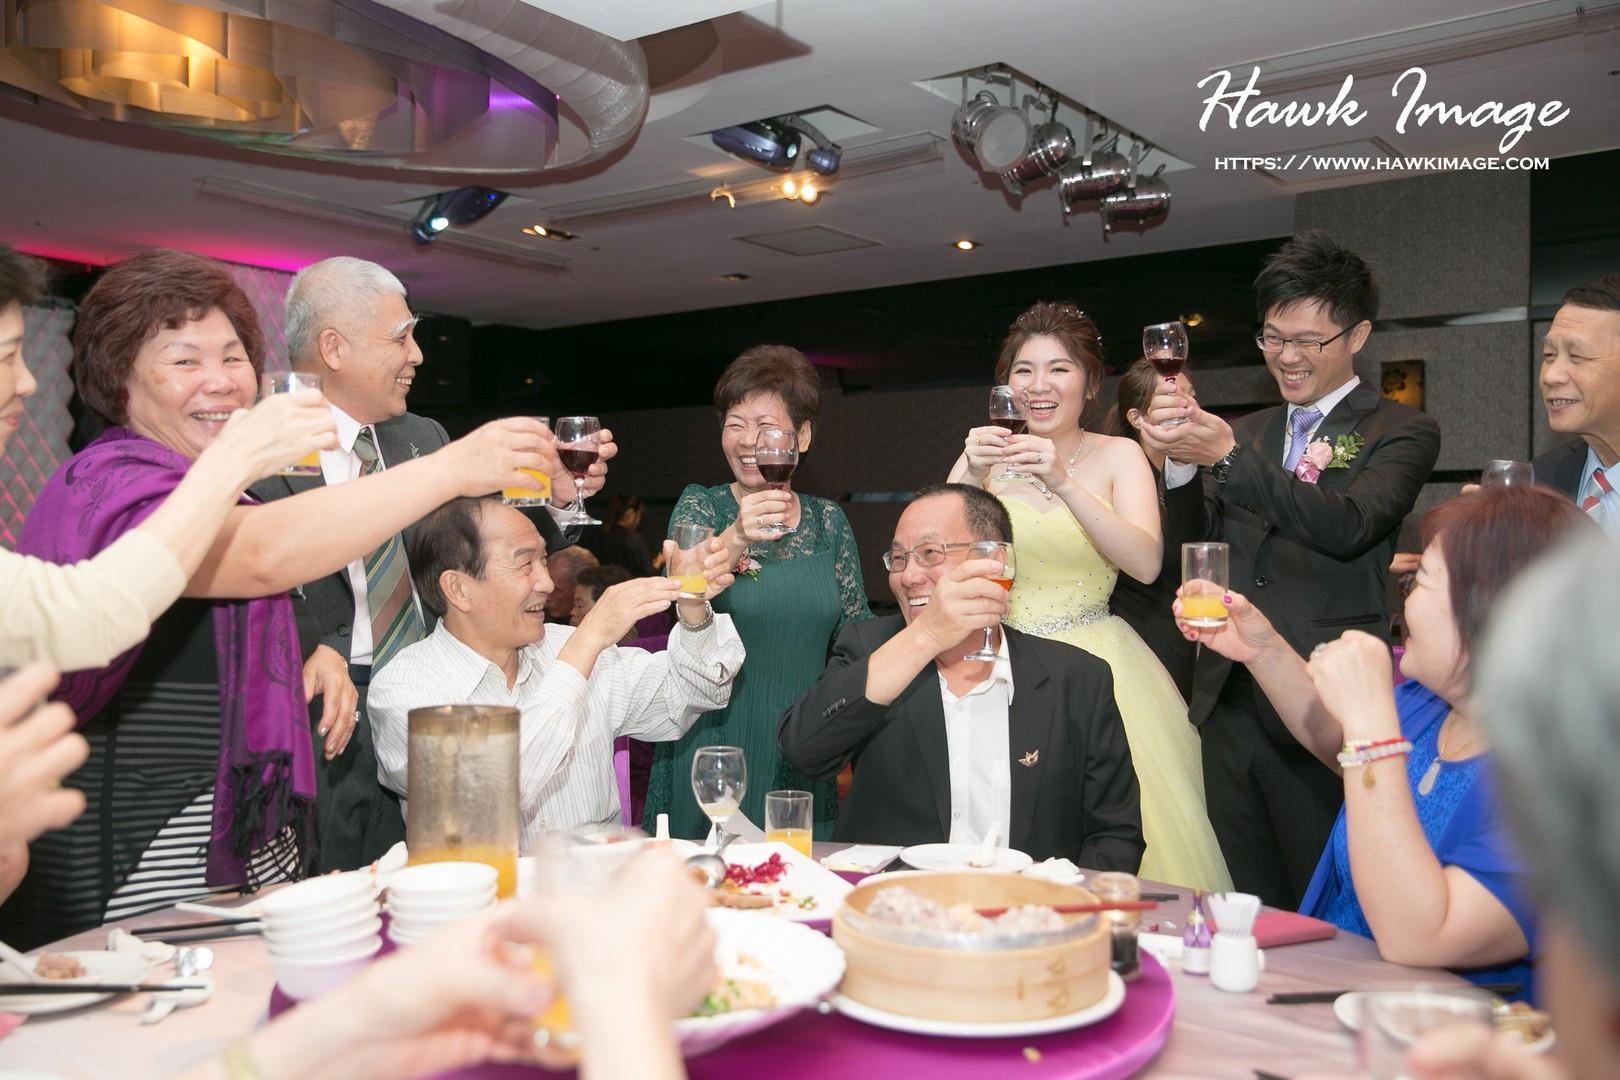 婚禮攝影,婚禮攝影高雄,婚禮攝影推薦ptt,婚攝作品